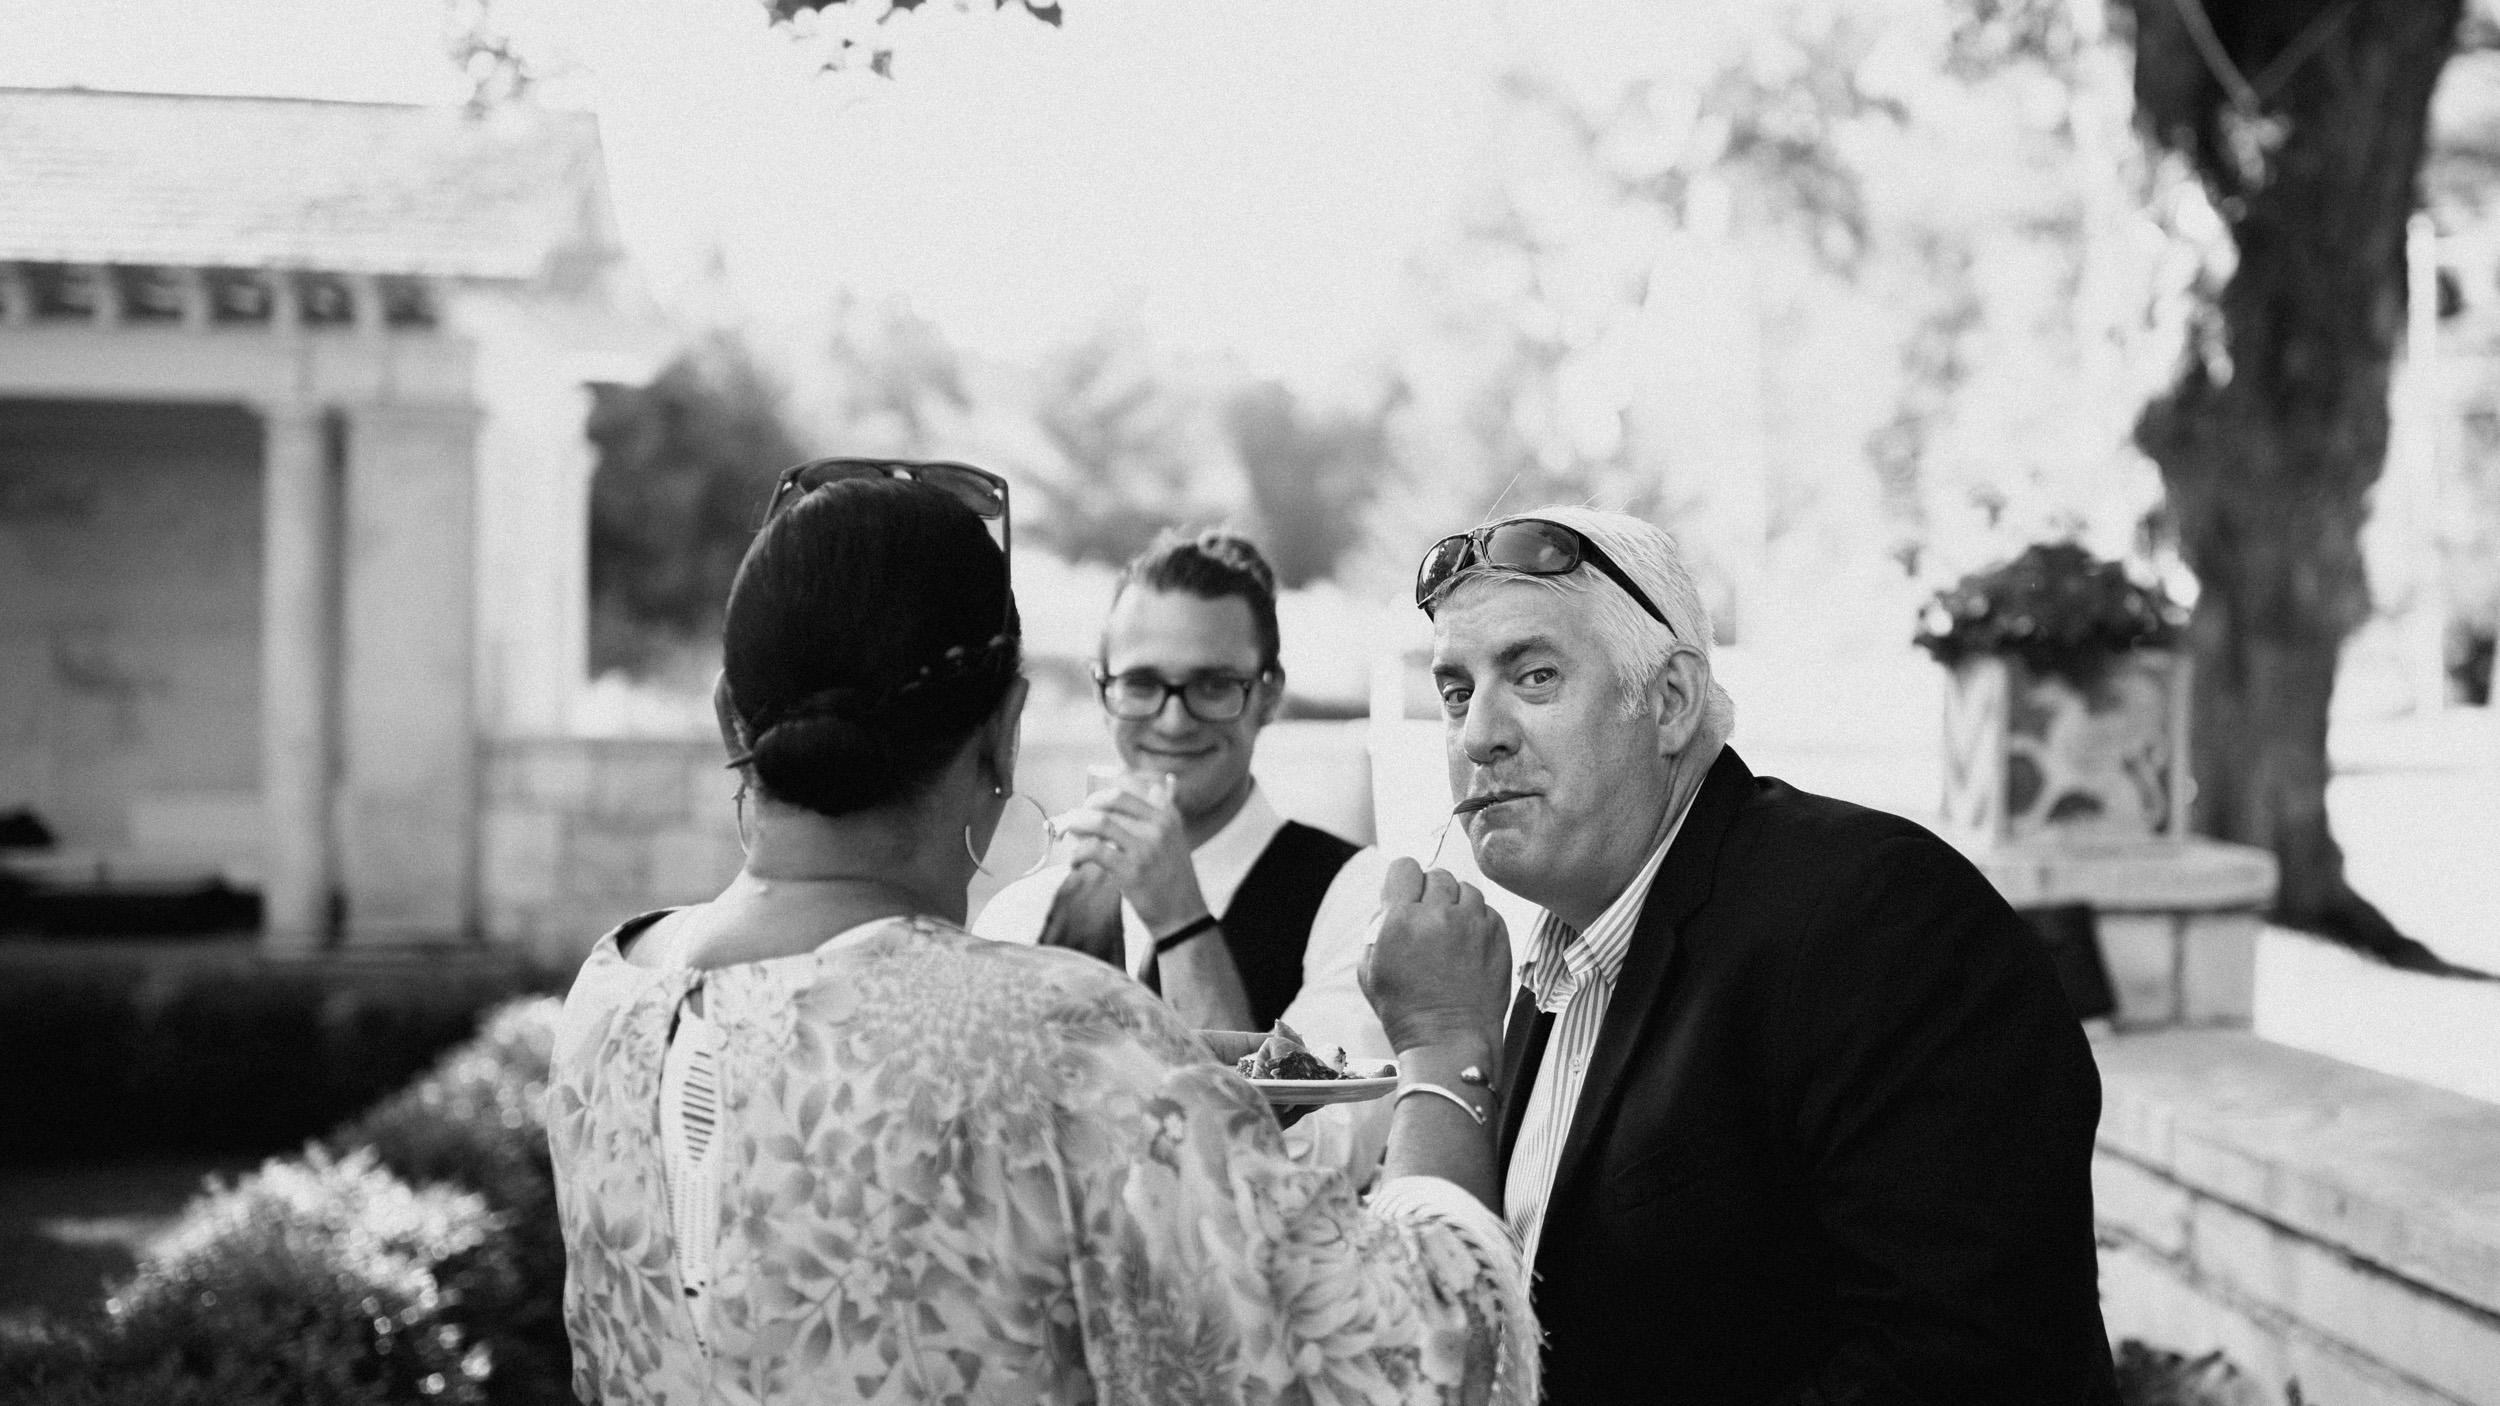 alec_vanderboom_vermont_wedding_photography-0095.jpg